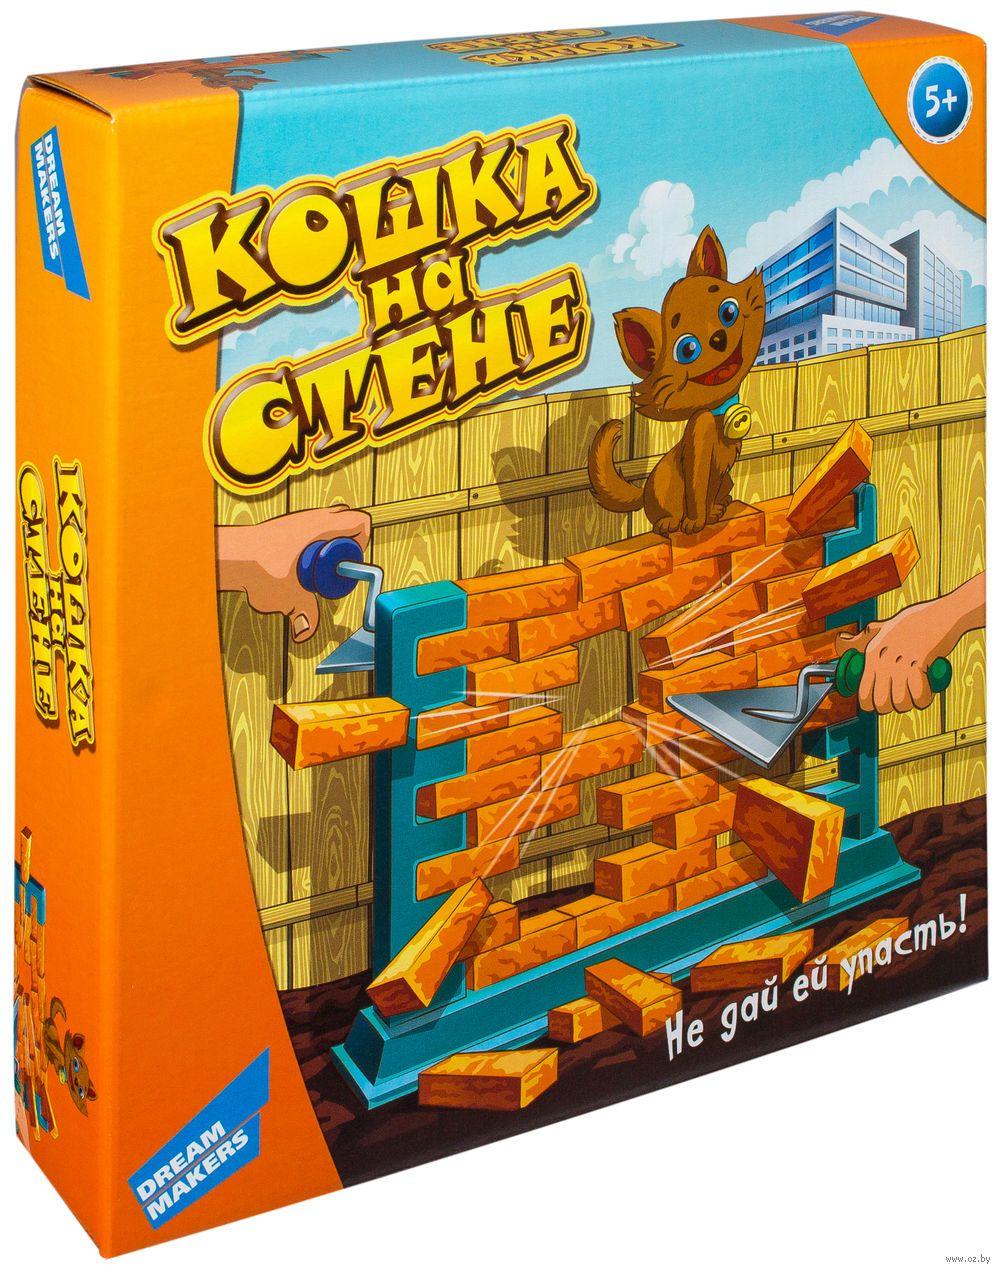 Кошка на стене — настольная игра. Купить в Минске в интернет-магазине. Кошка на стене : отзывы, цены — OZ.by